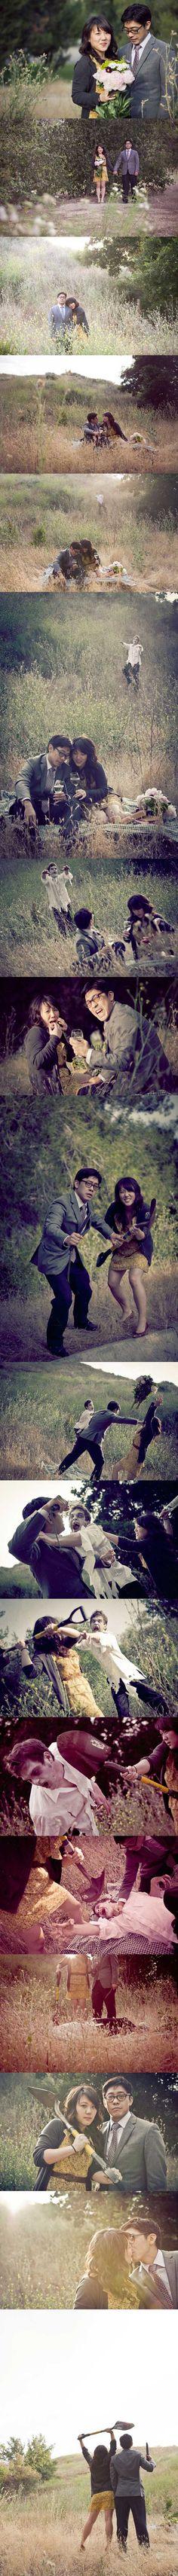 zombie-wedding-pictures